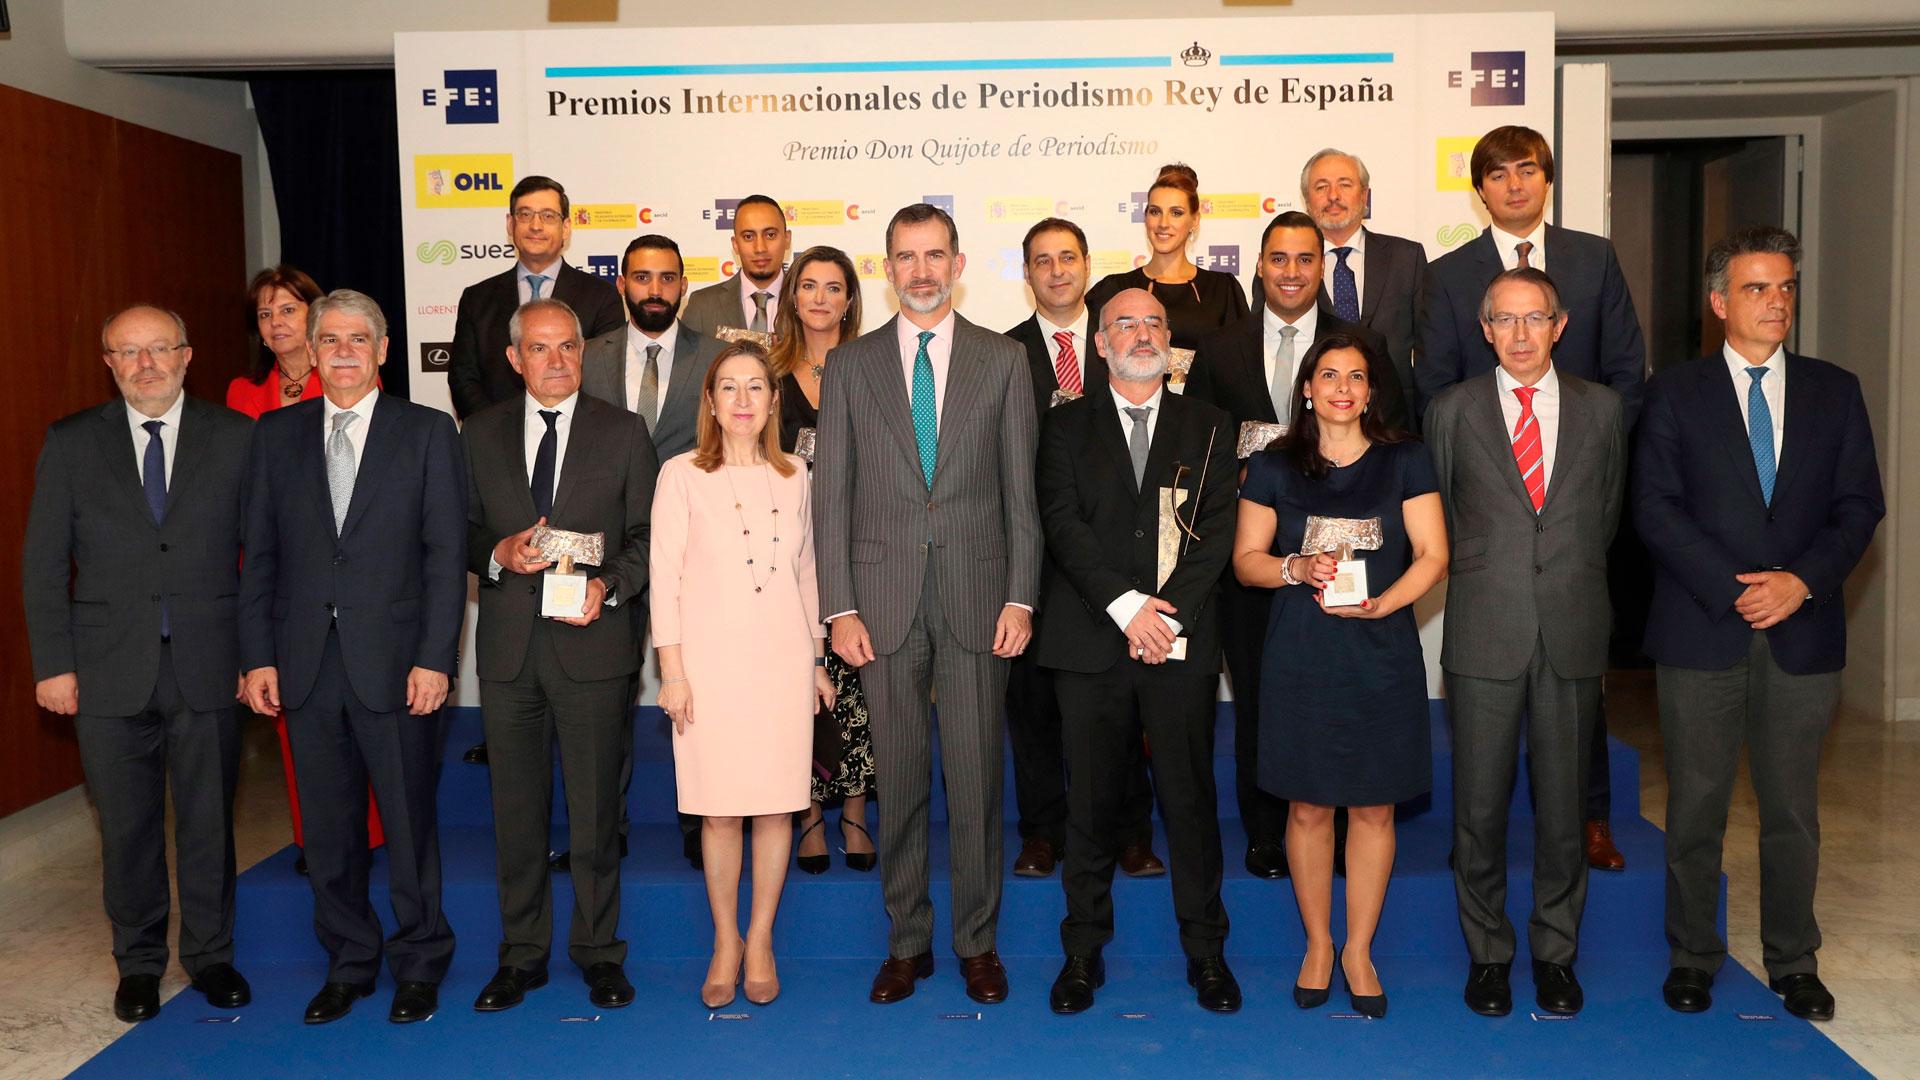 Foto de los premiados en los XXXV Premios Rey de España con el Rey Felipe VI y la ministra Ana Pastor